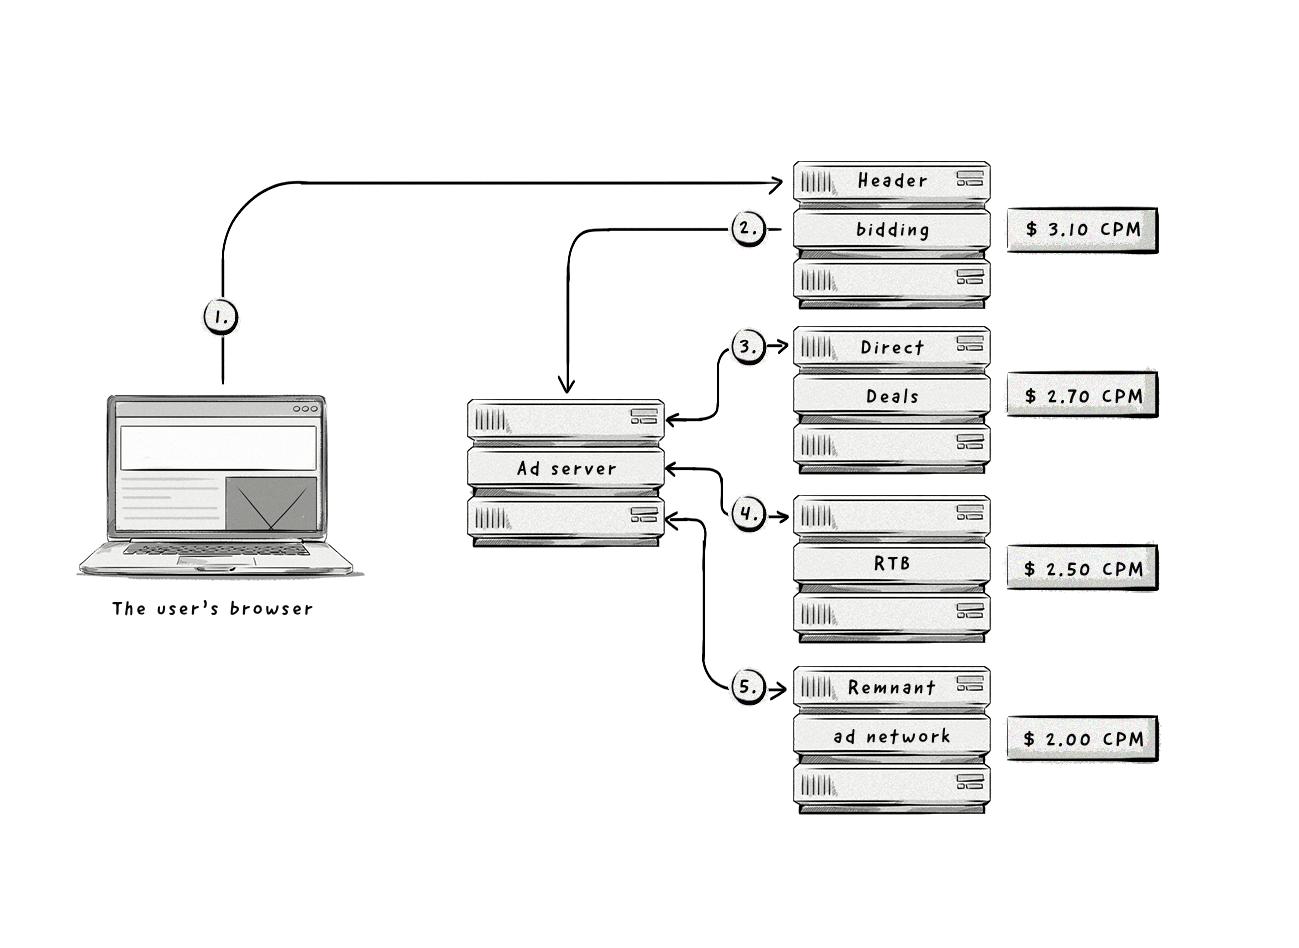 Un ejemplo de cómo funcionan las ofertas de encabezado